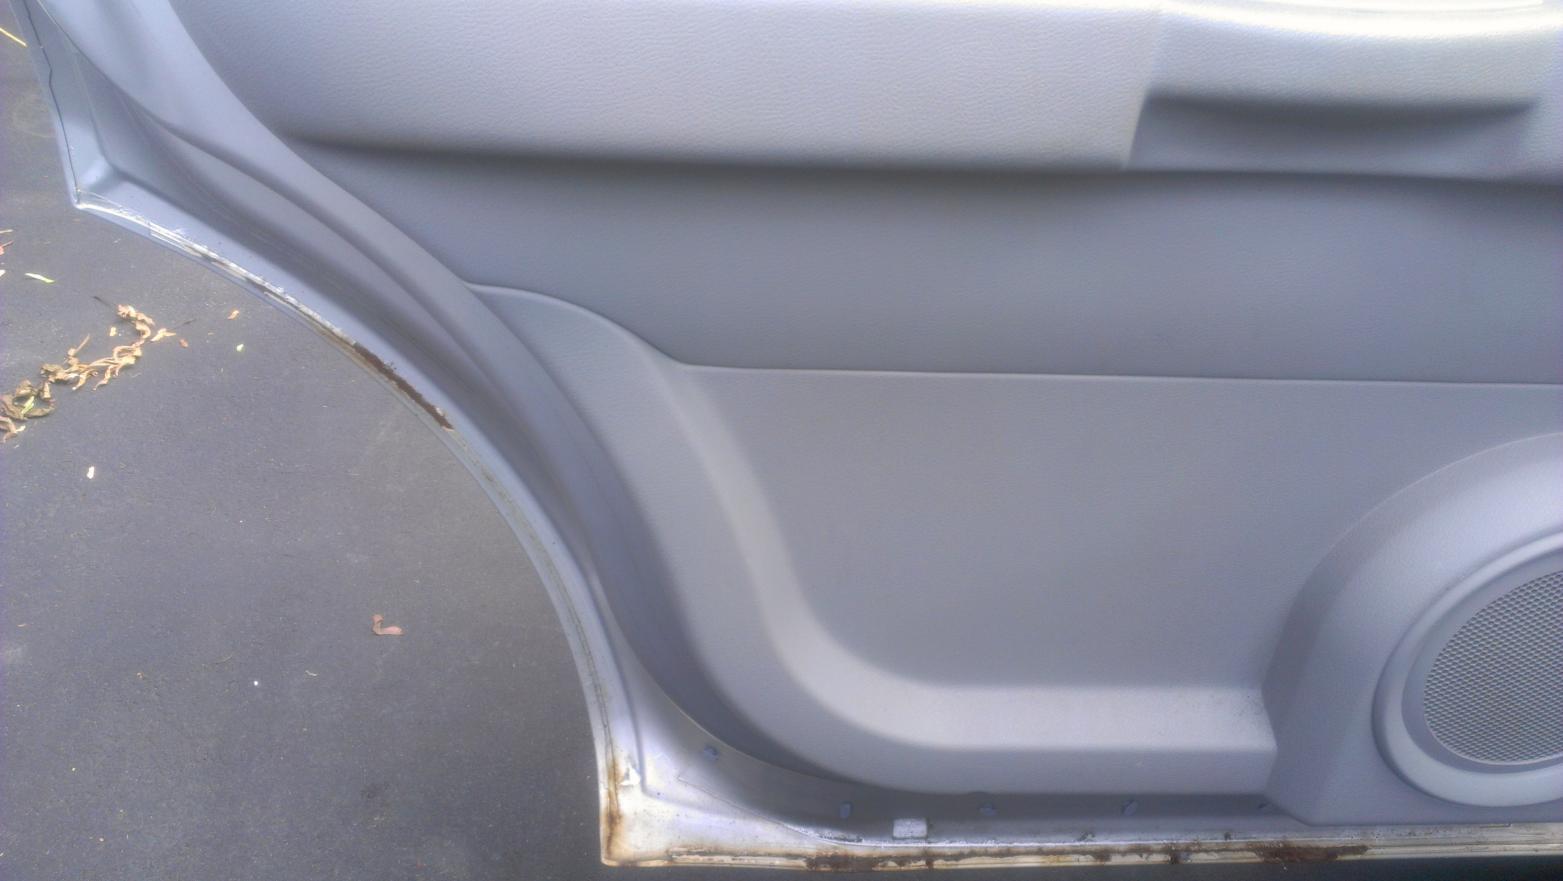 & My 2008 Durango Door Panel Rust pezcame.com